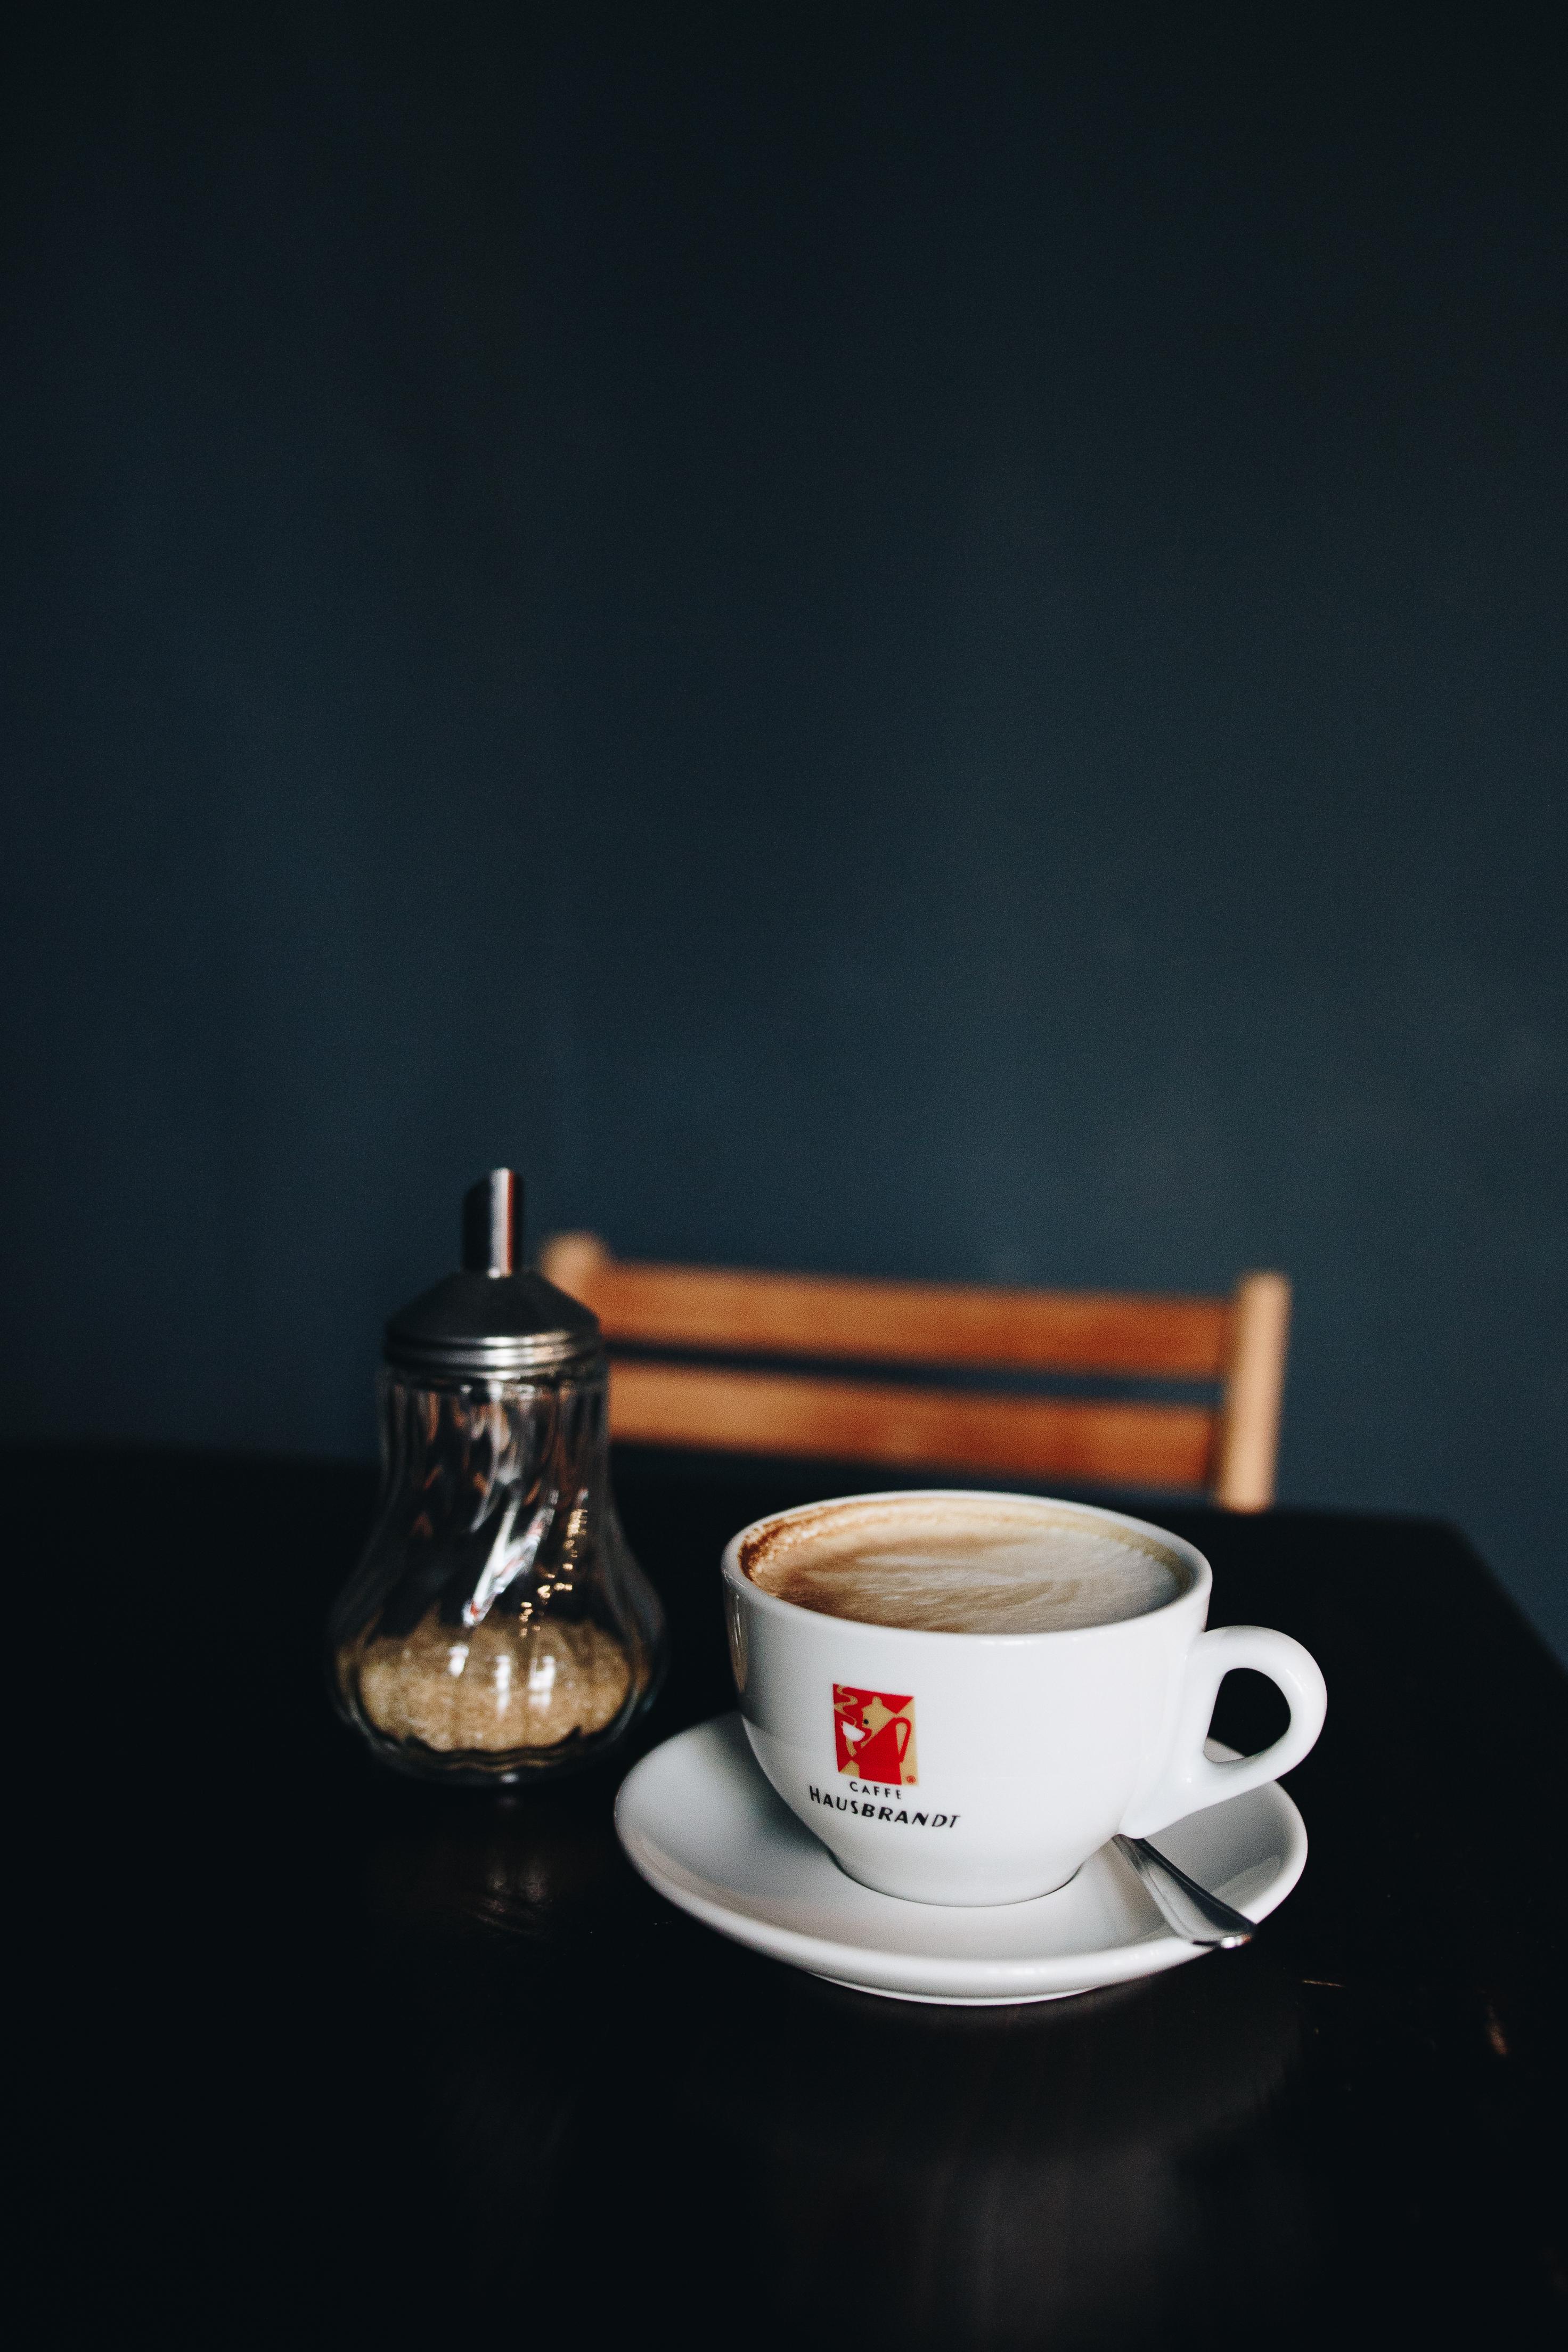 emmas onkel-chemnitz-café-kuchen-annabelle sagt2